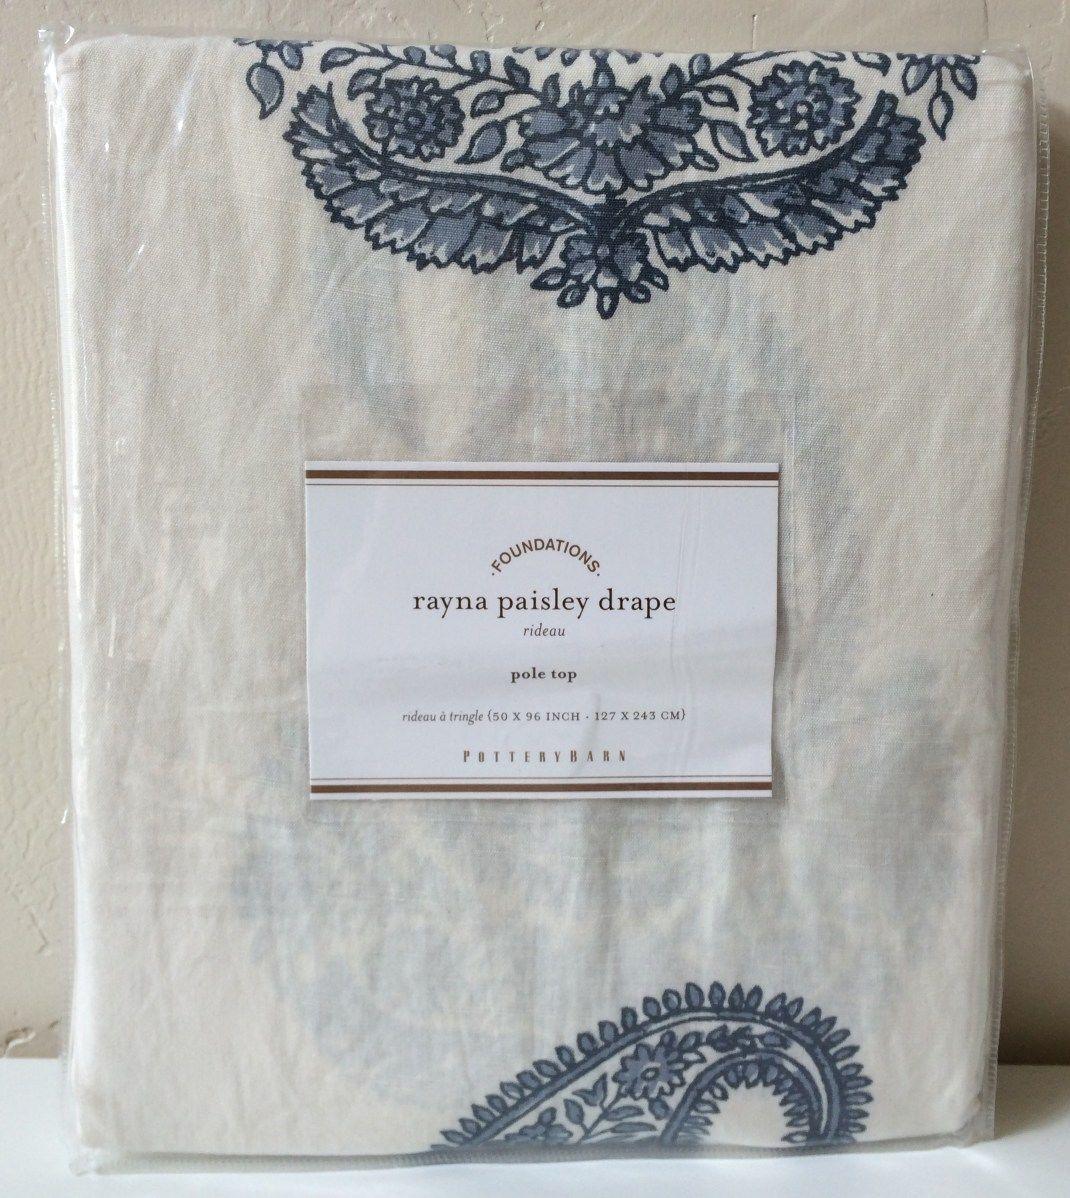 2 Pottery Barn Rayna Paisley Drapes Blue 50 X 96 034 New